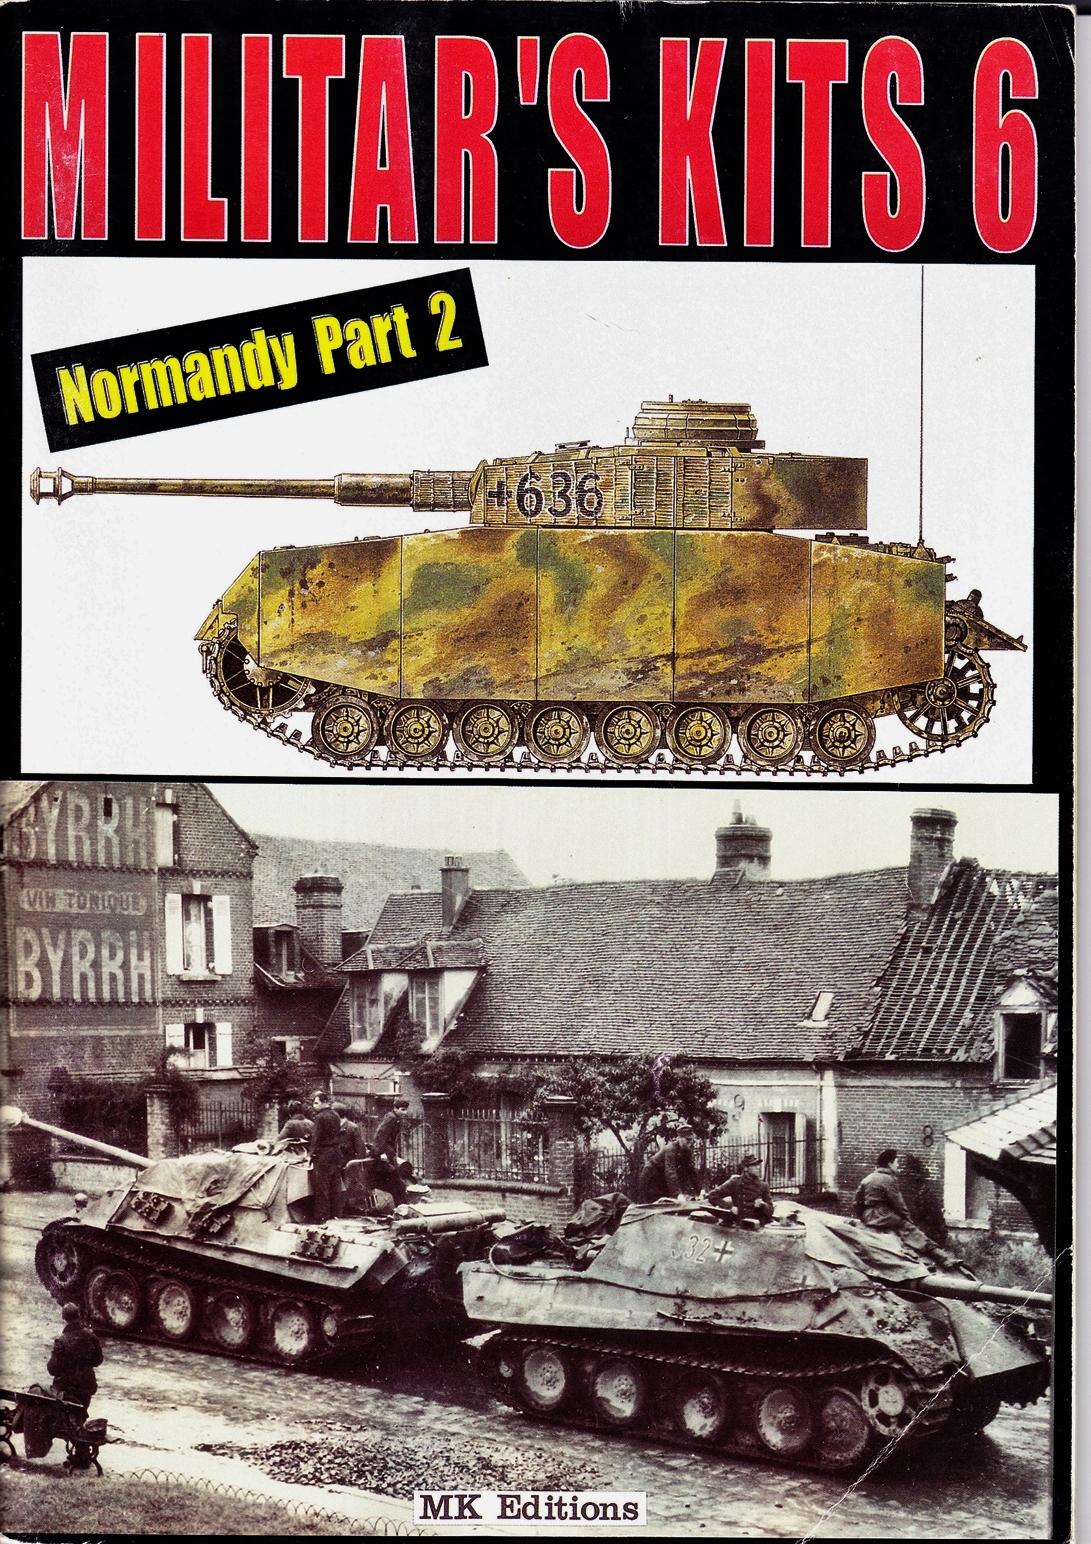 15 cm sFH.13/1 auf Geschutzwagen Lorraine-Schlepper Sd.Kfz. 135/1   RPM 1/35 ème  190210105029717290